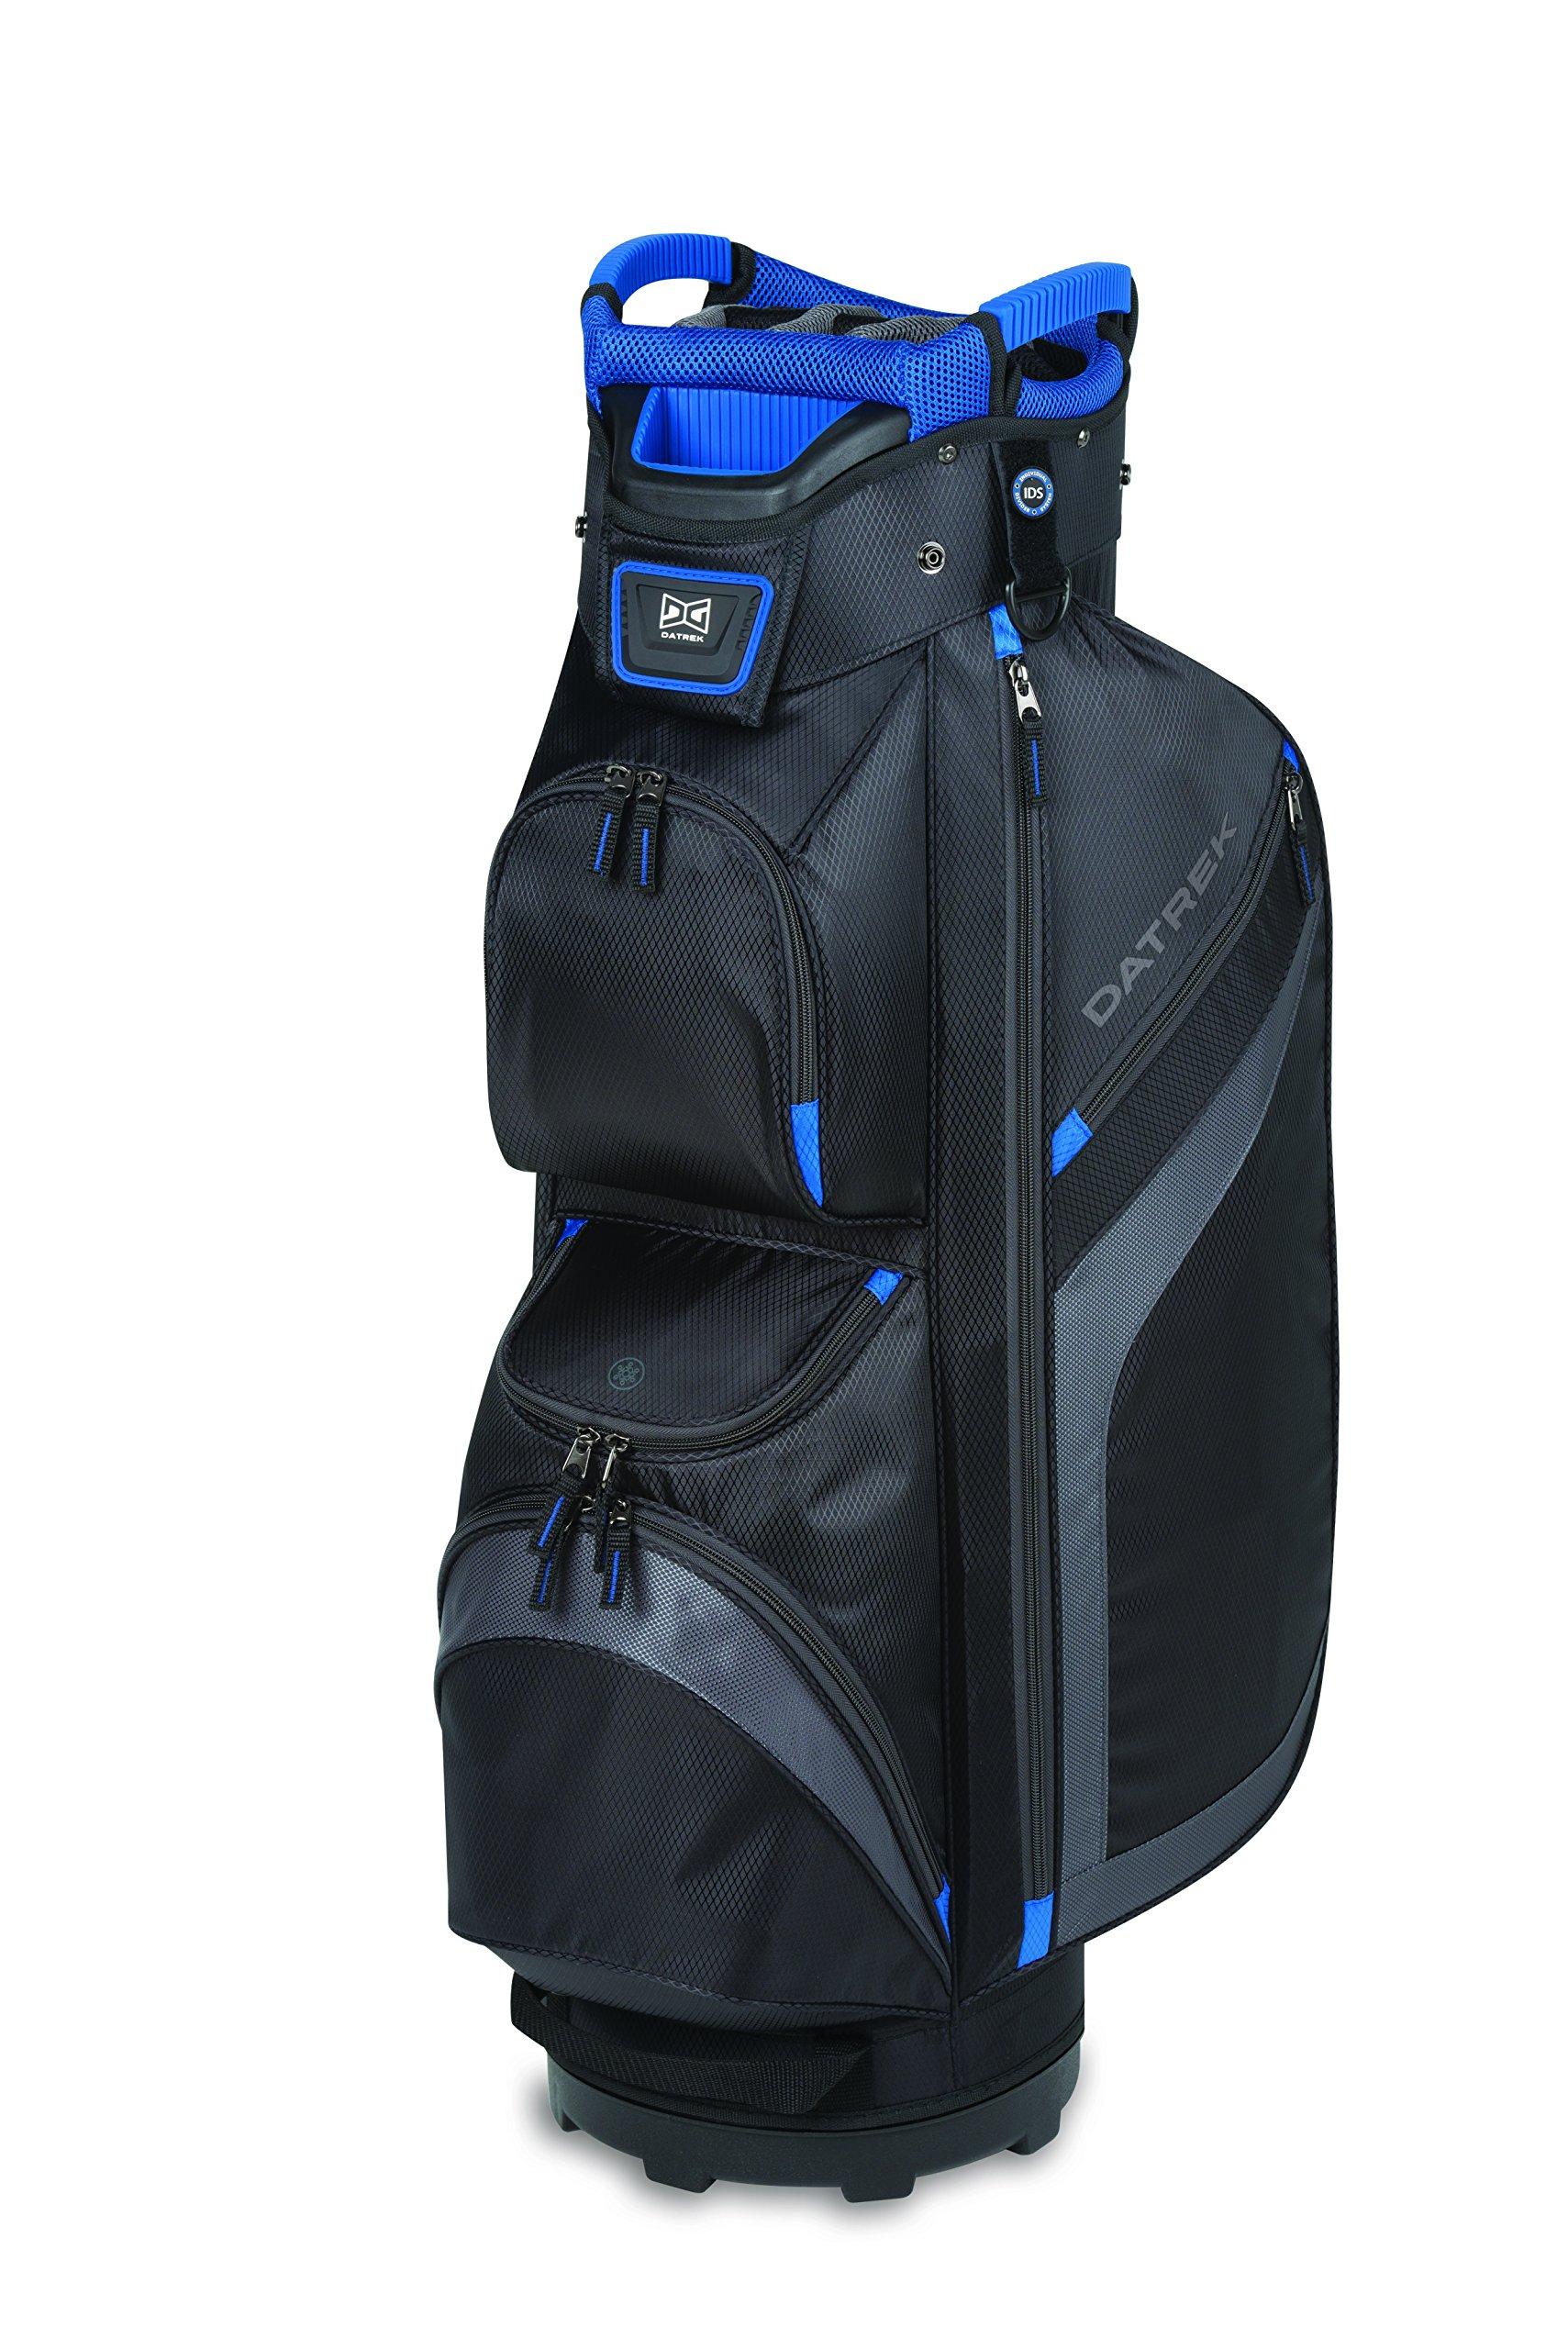 Datrek DG Lite II Cart Bag Black/Charcoal/Royal DG Lite II Cart Bag